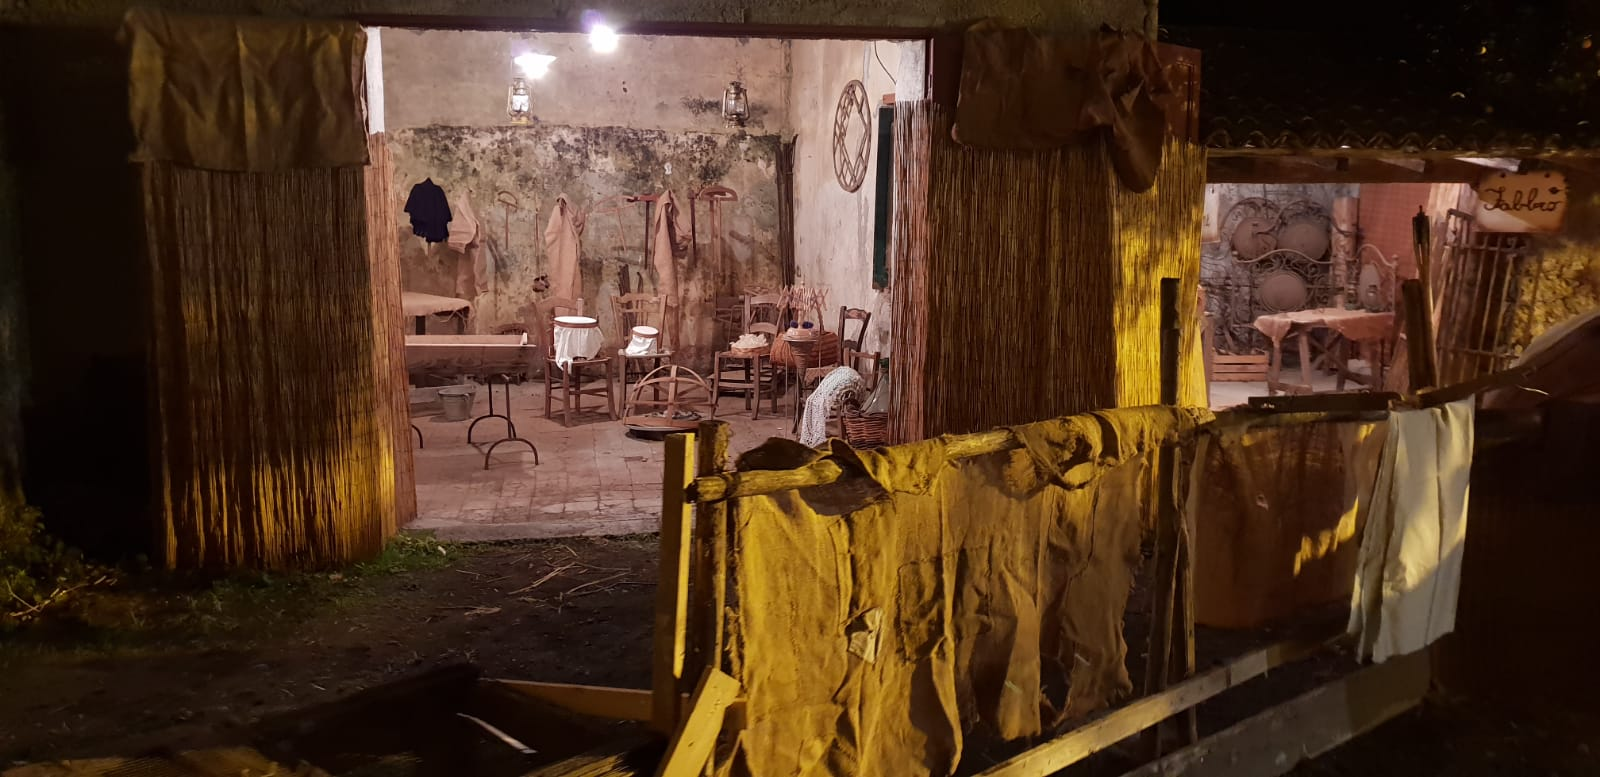 L'arrivo dei magi alla grotta di Betlemme – Sacra Rappresentazione del Presepe Vivente